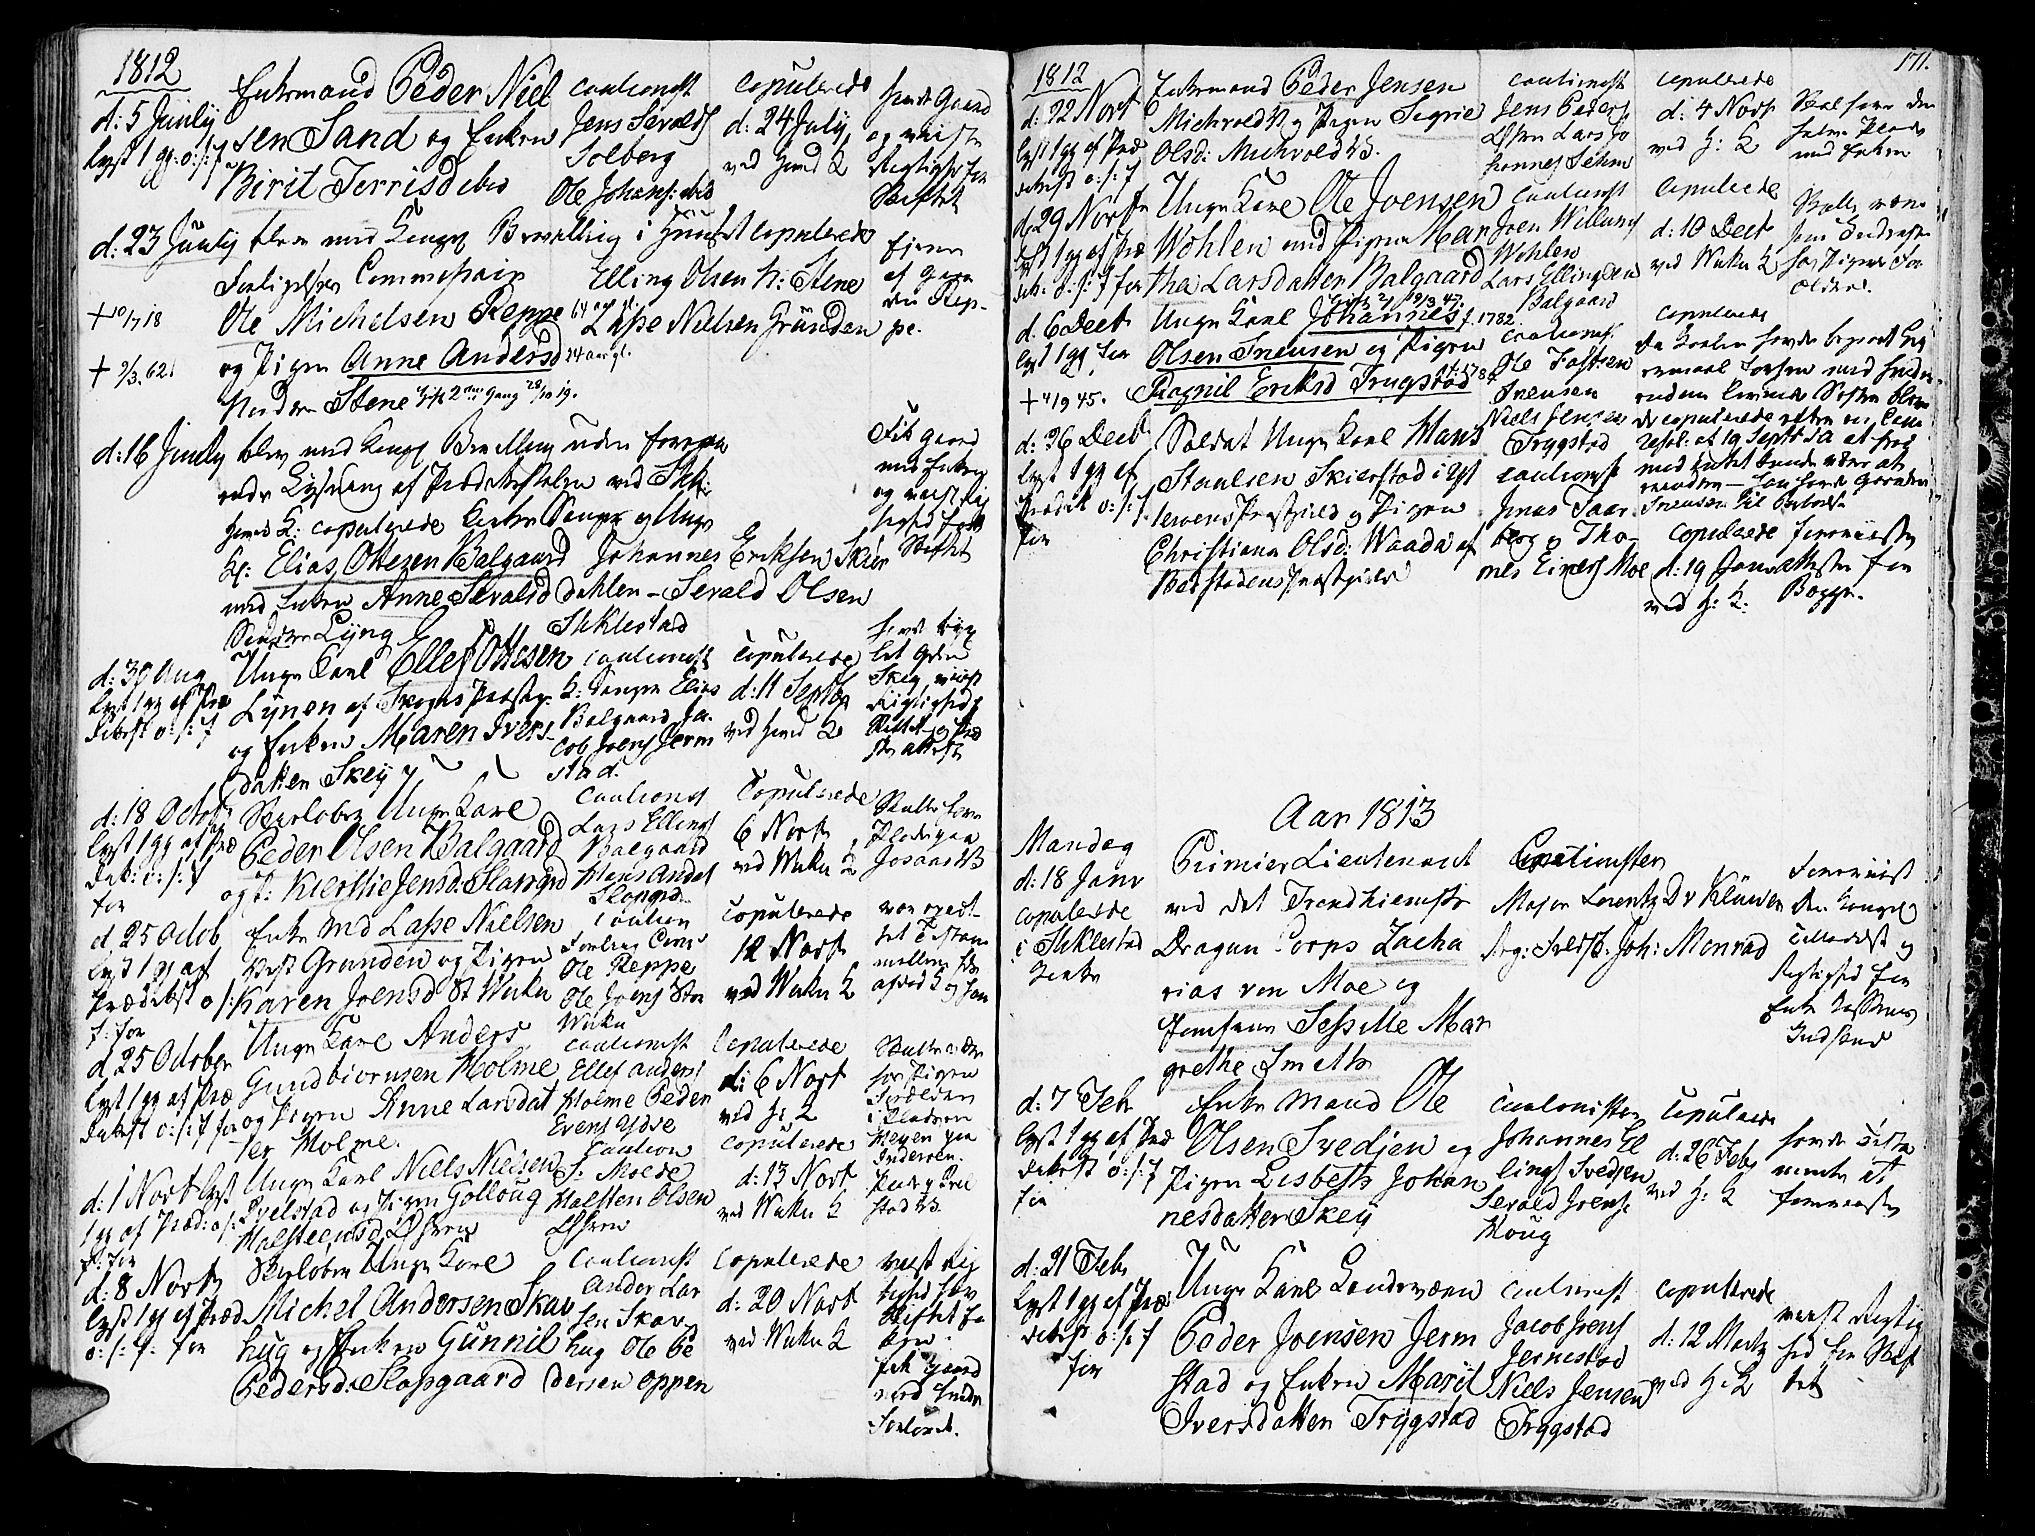 SAT, Ministerialprotokoller, klokkerbøker og fødselsregistre - Nord-Trøndelag, 723/L0233: Ministerialbok nr. 723A04, 1805-1816, s. 171